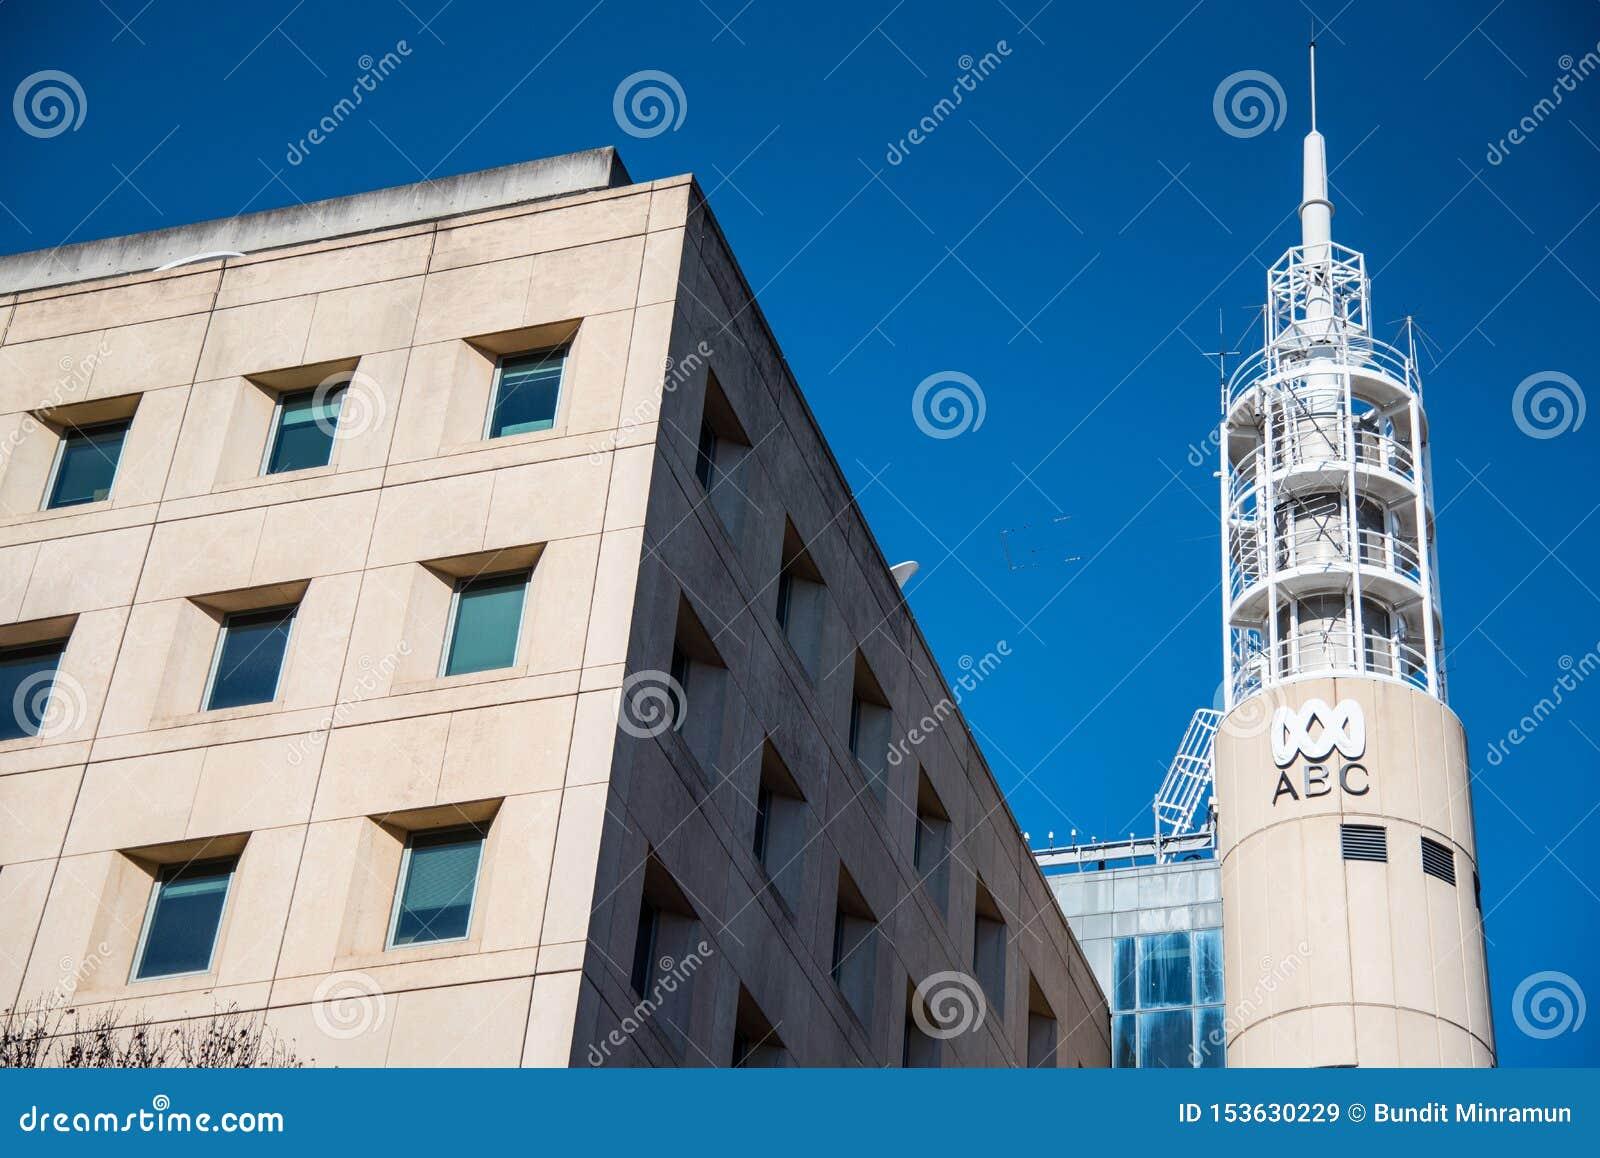 Fasadowy budynek ABC News dla transmisja kanałów od Australian Broadcasting Corporation